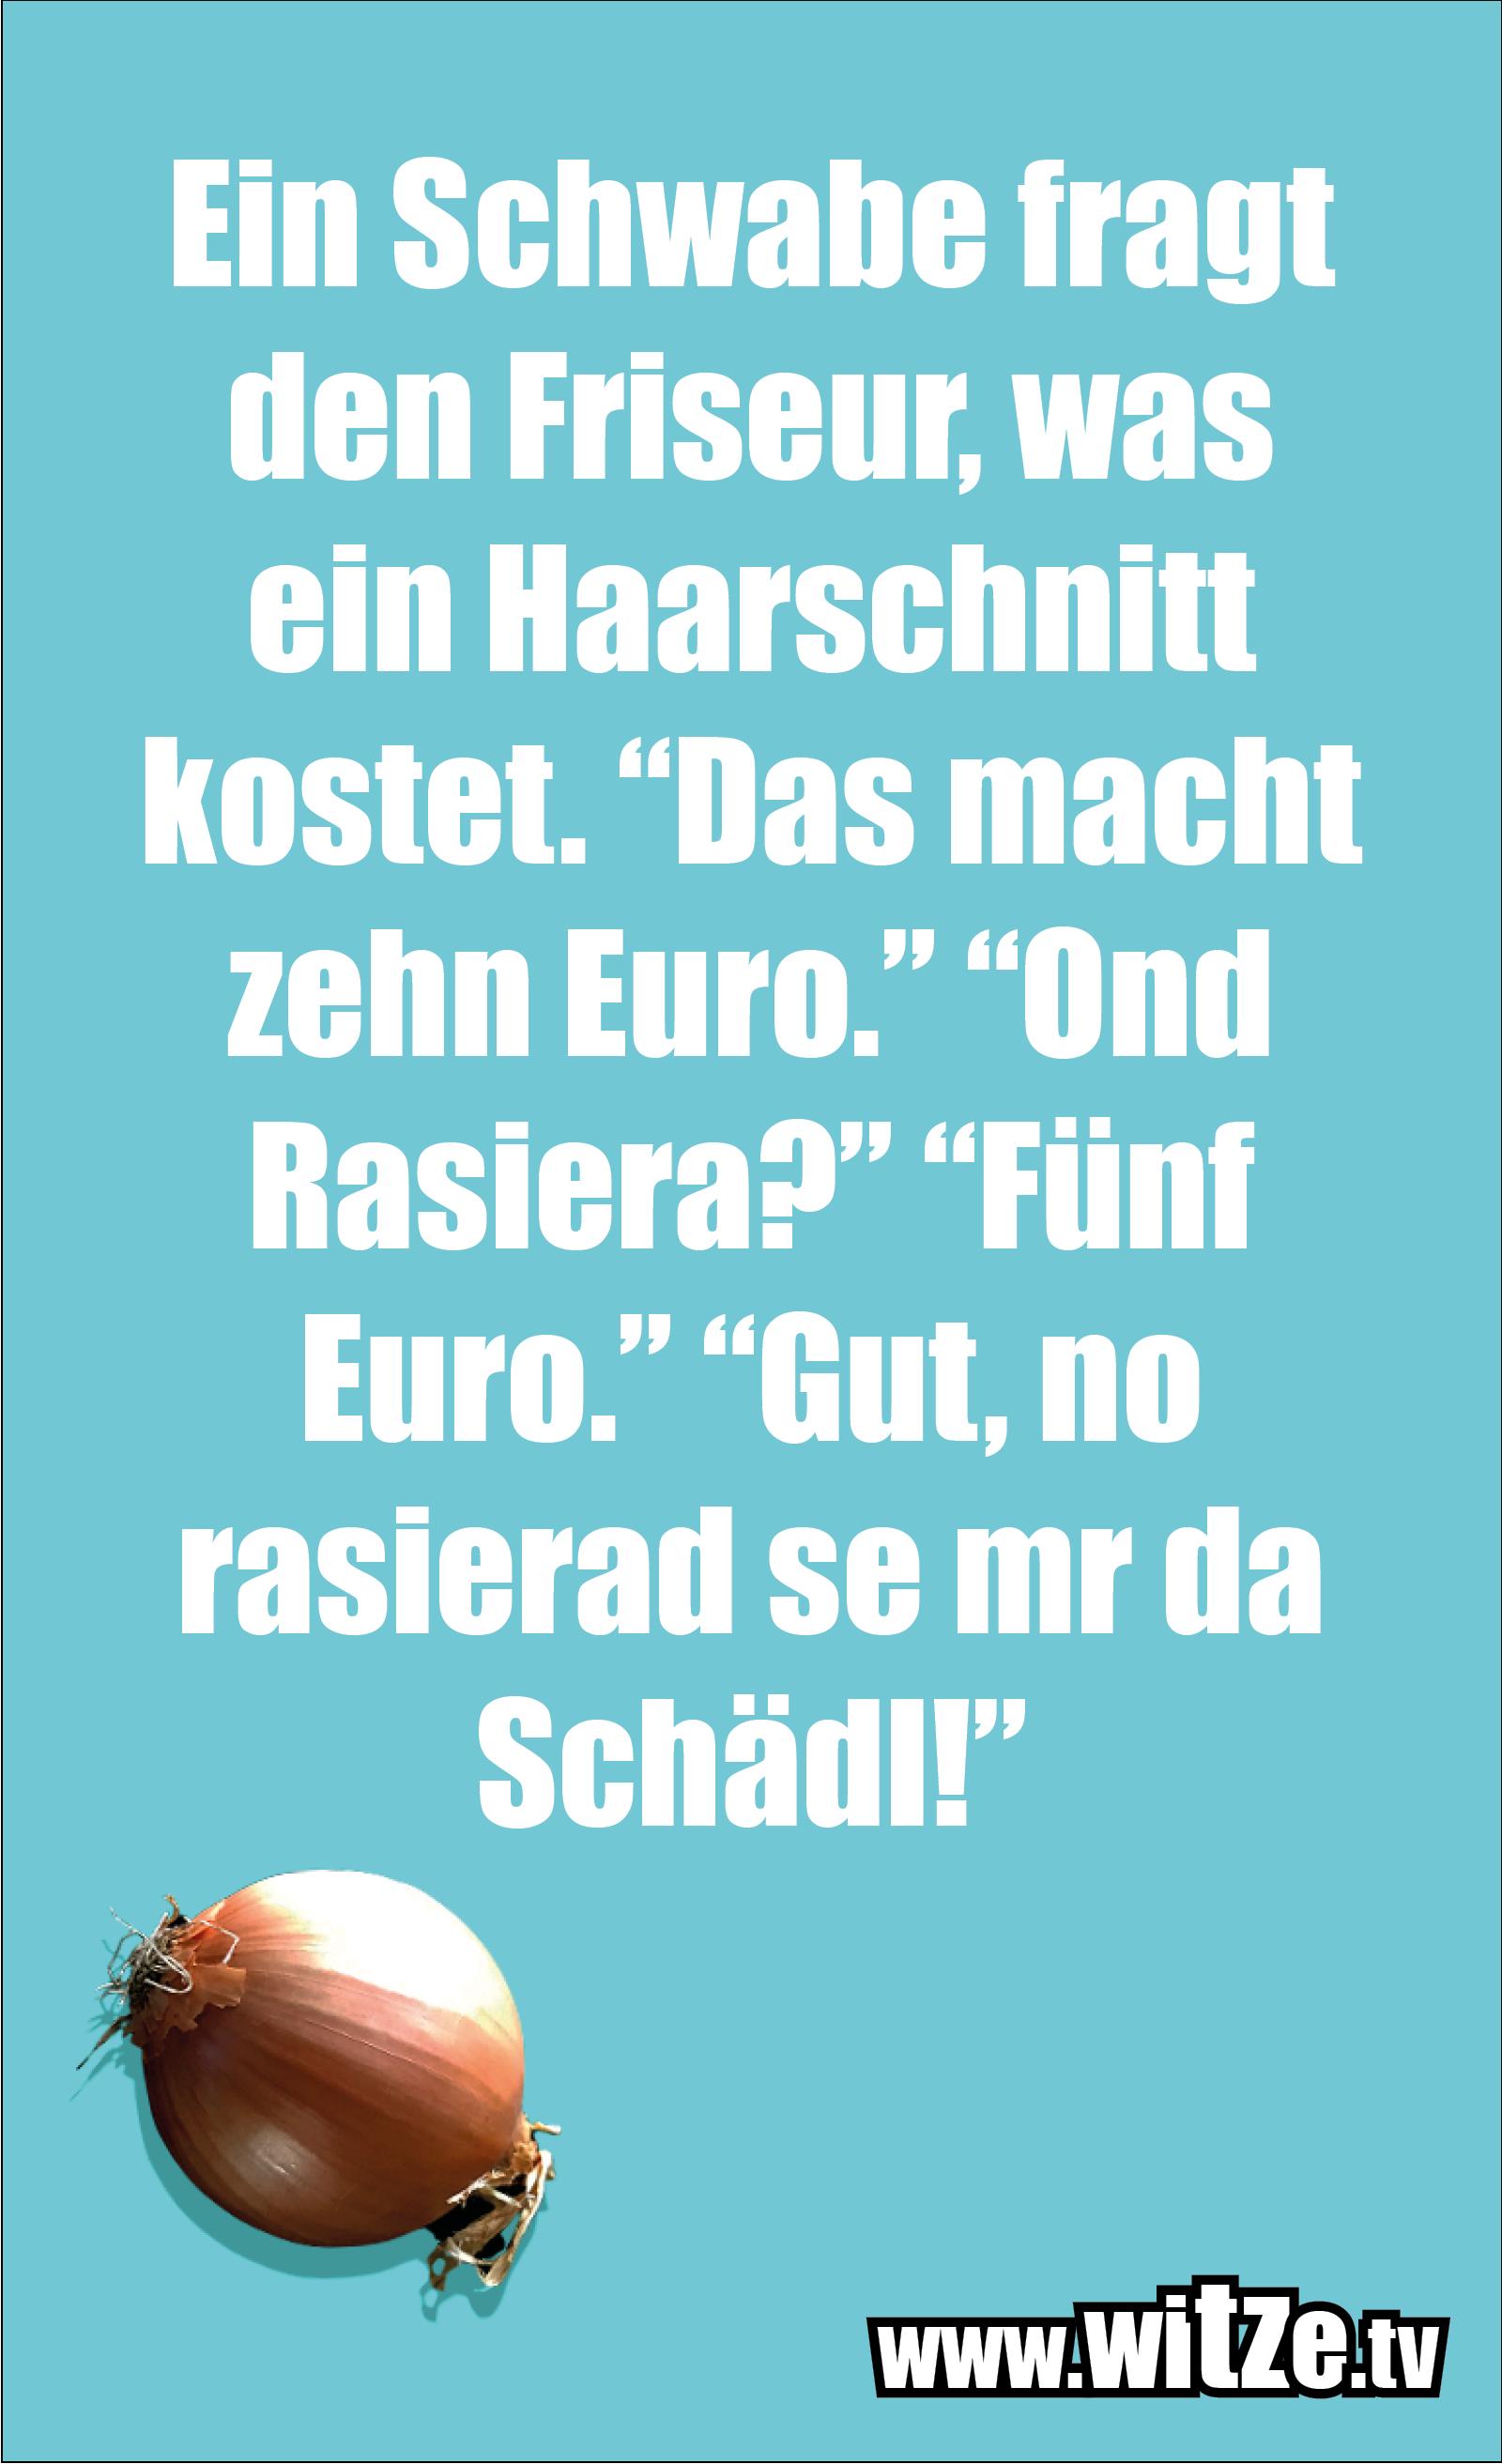 """Schwaben Witz… Ein Schwabe fragt den Friseur, was ein Haarschnitt kostet. """"Das macht zehn Euro."""" """"Ond Rasiera?"""" """"Fünf Euro."""" """"Gut, no rasierad se mr da Schädl!"""""""